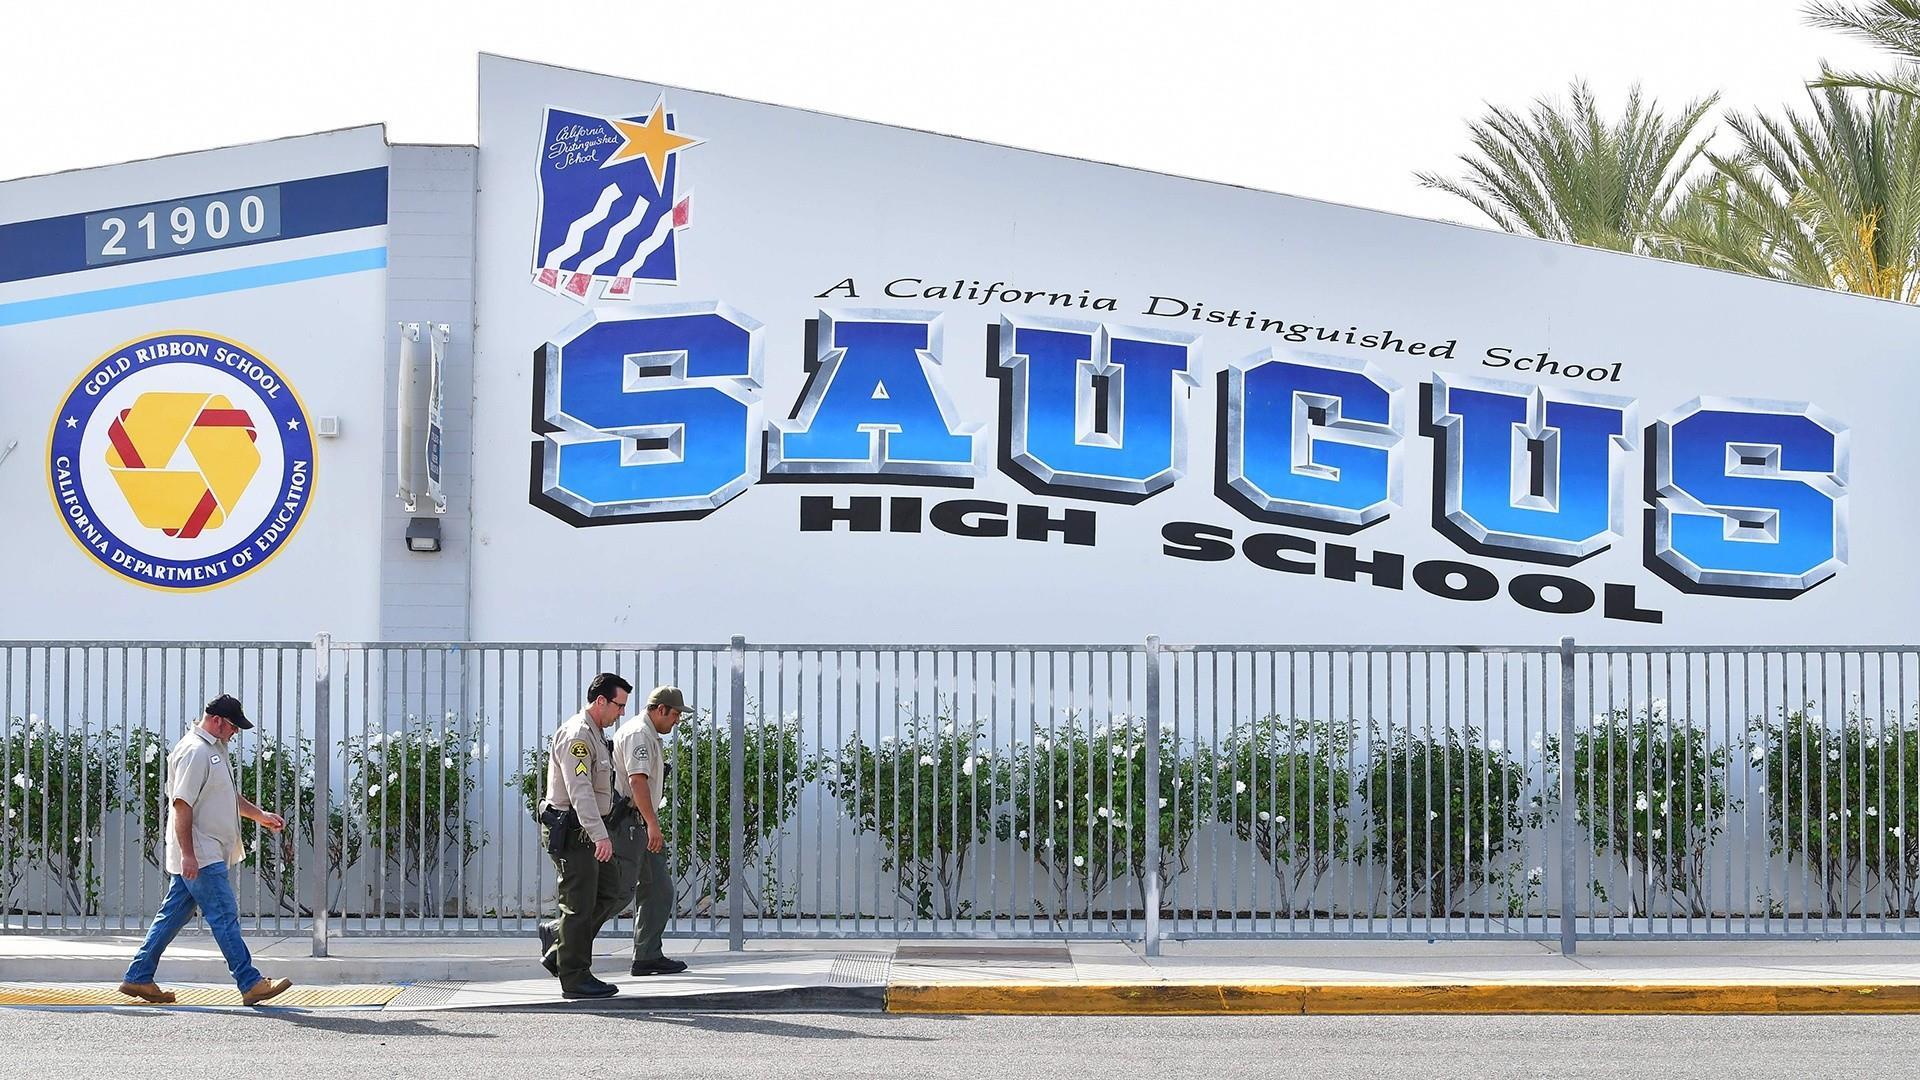 Suspected gunman in Southern California high school shooting dies